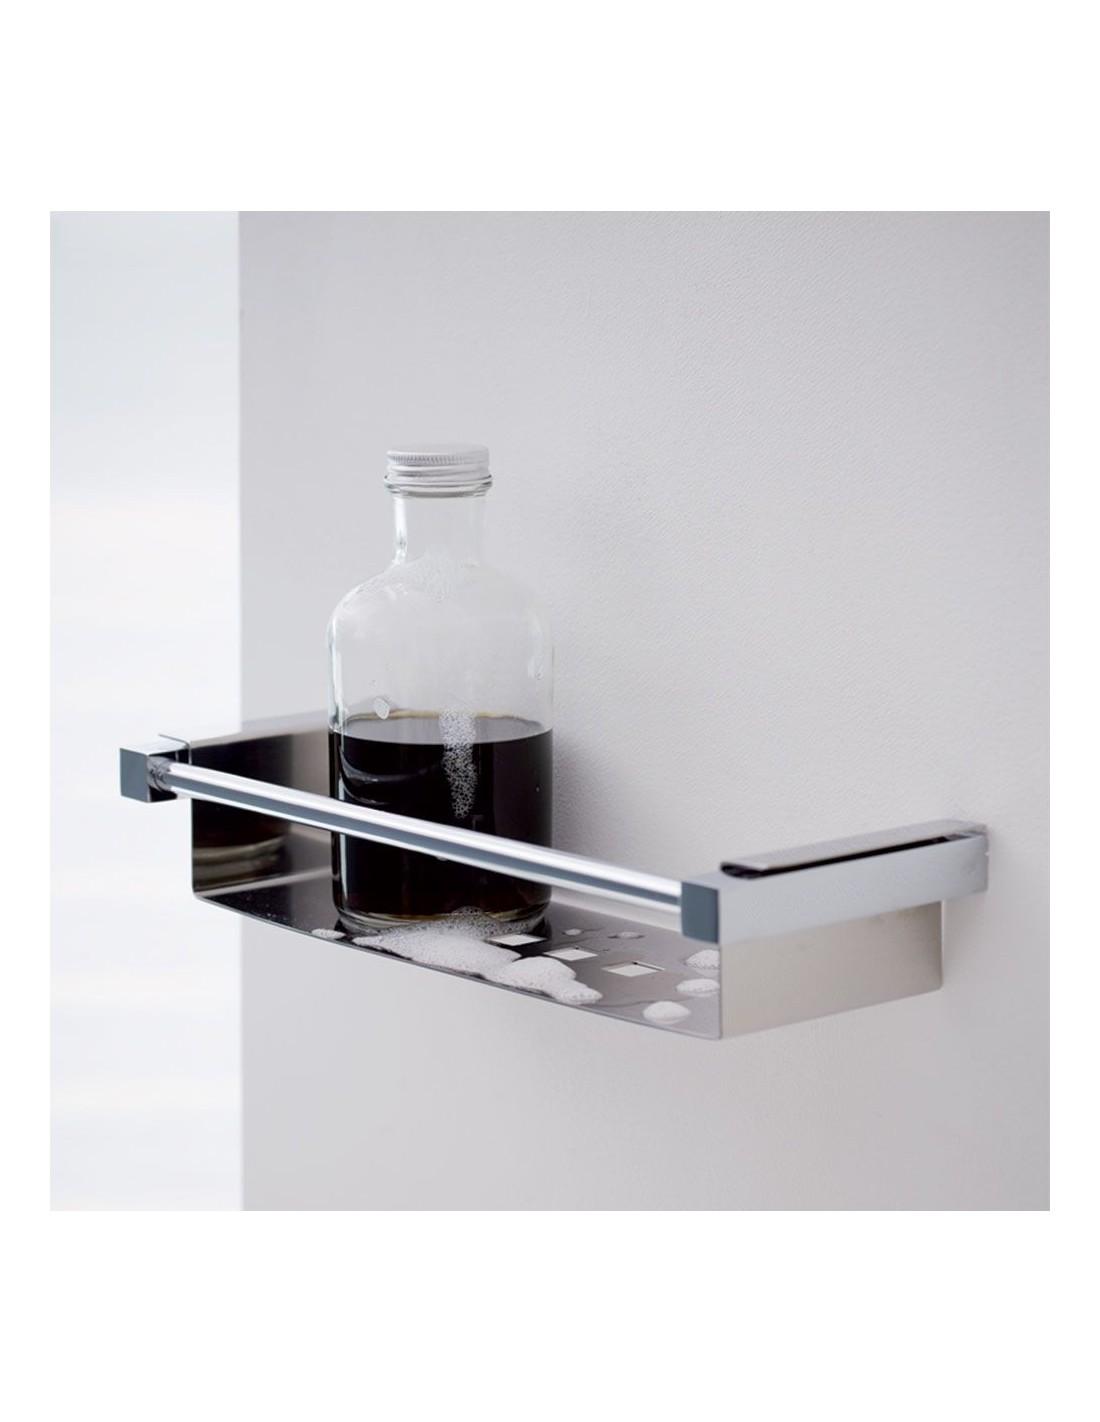 Porte savon de douche grand modèle Metric en finition chromé brillant et inox mat de la marque Pomd'or